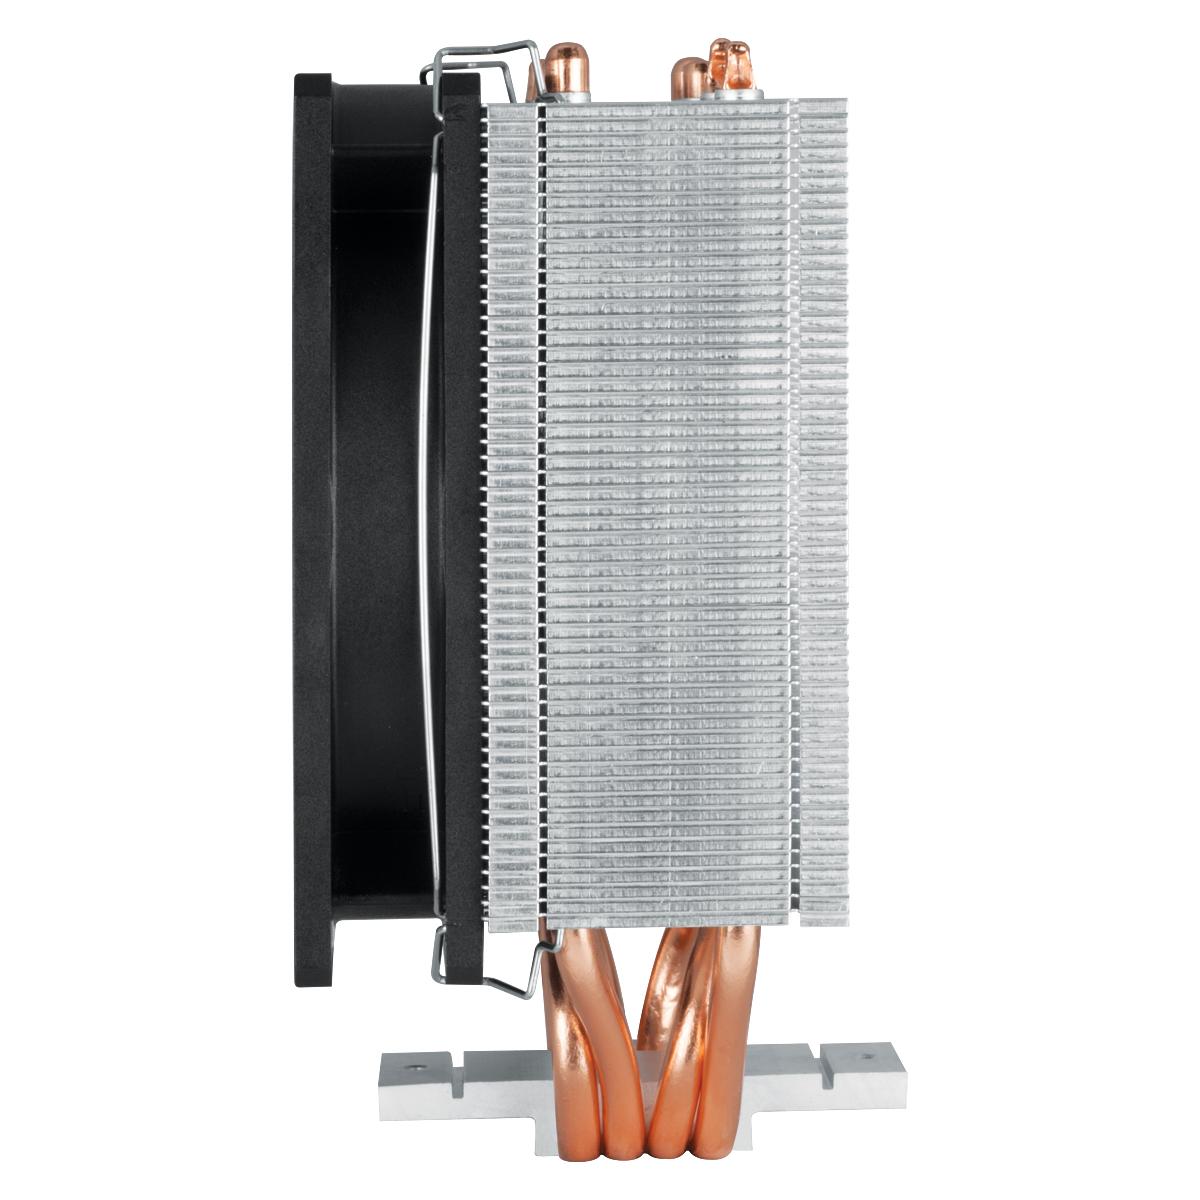 Tower CPU-Kühler mit 120 mm P-Lüfter ARCTIC Freezer 34 Seitenansicht